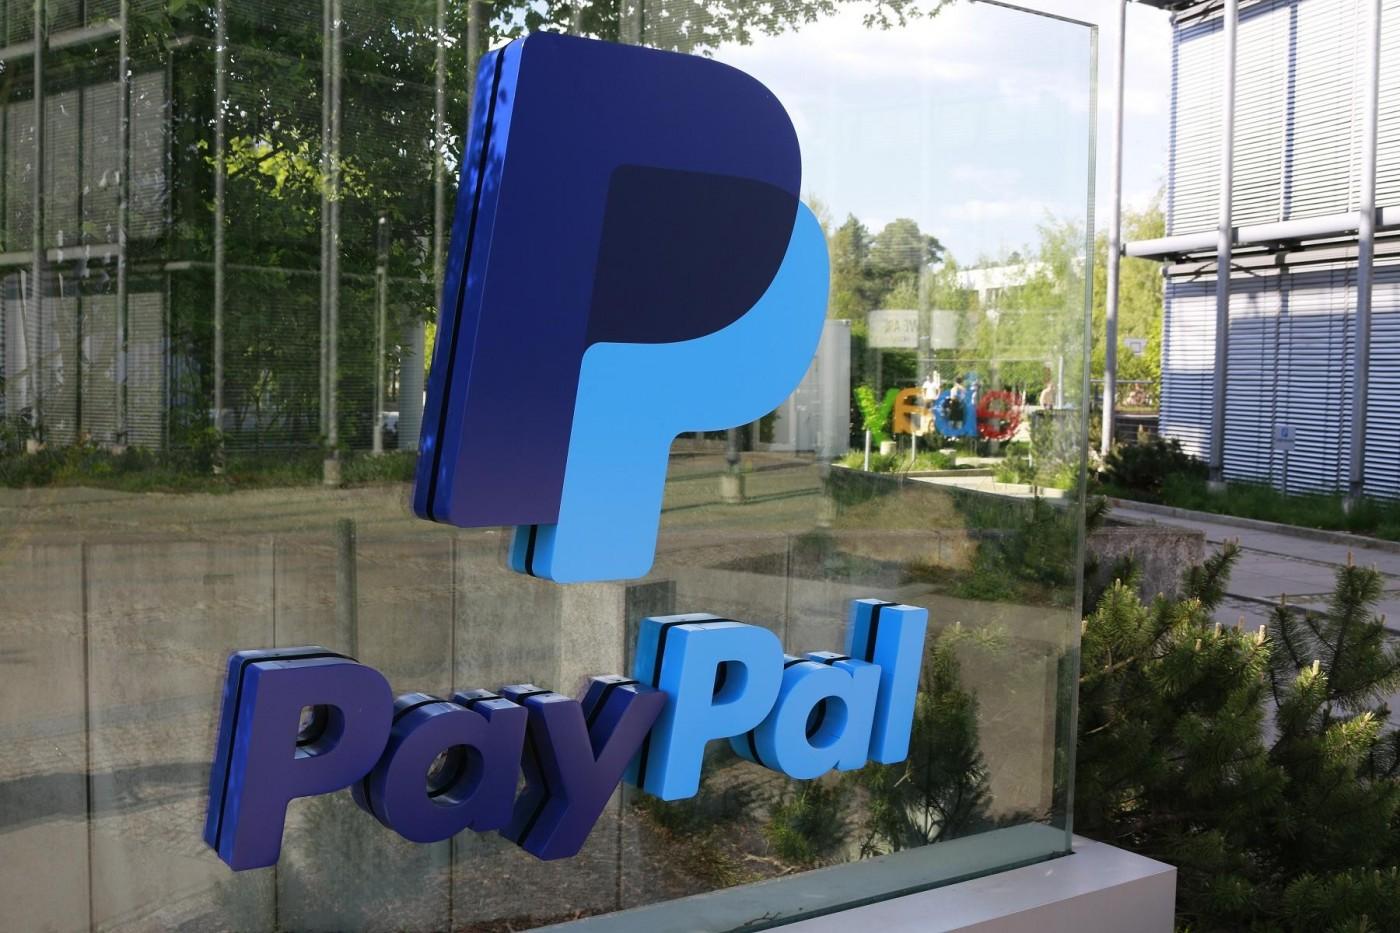 美國80萬公務員無薪可領,支付領頭羊PayPal拿出7億元補貼員工